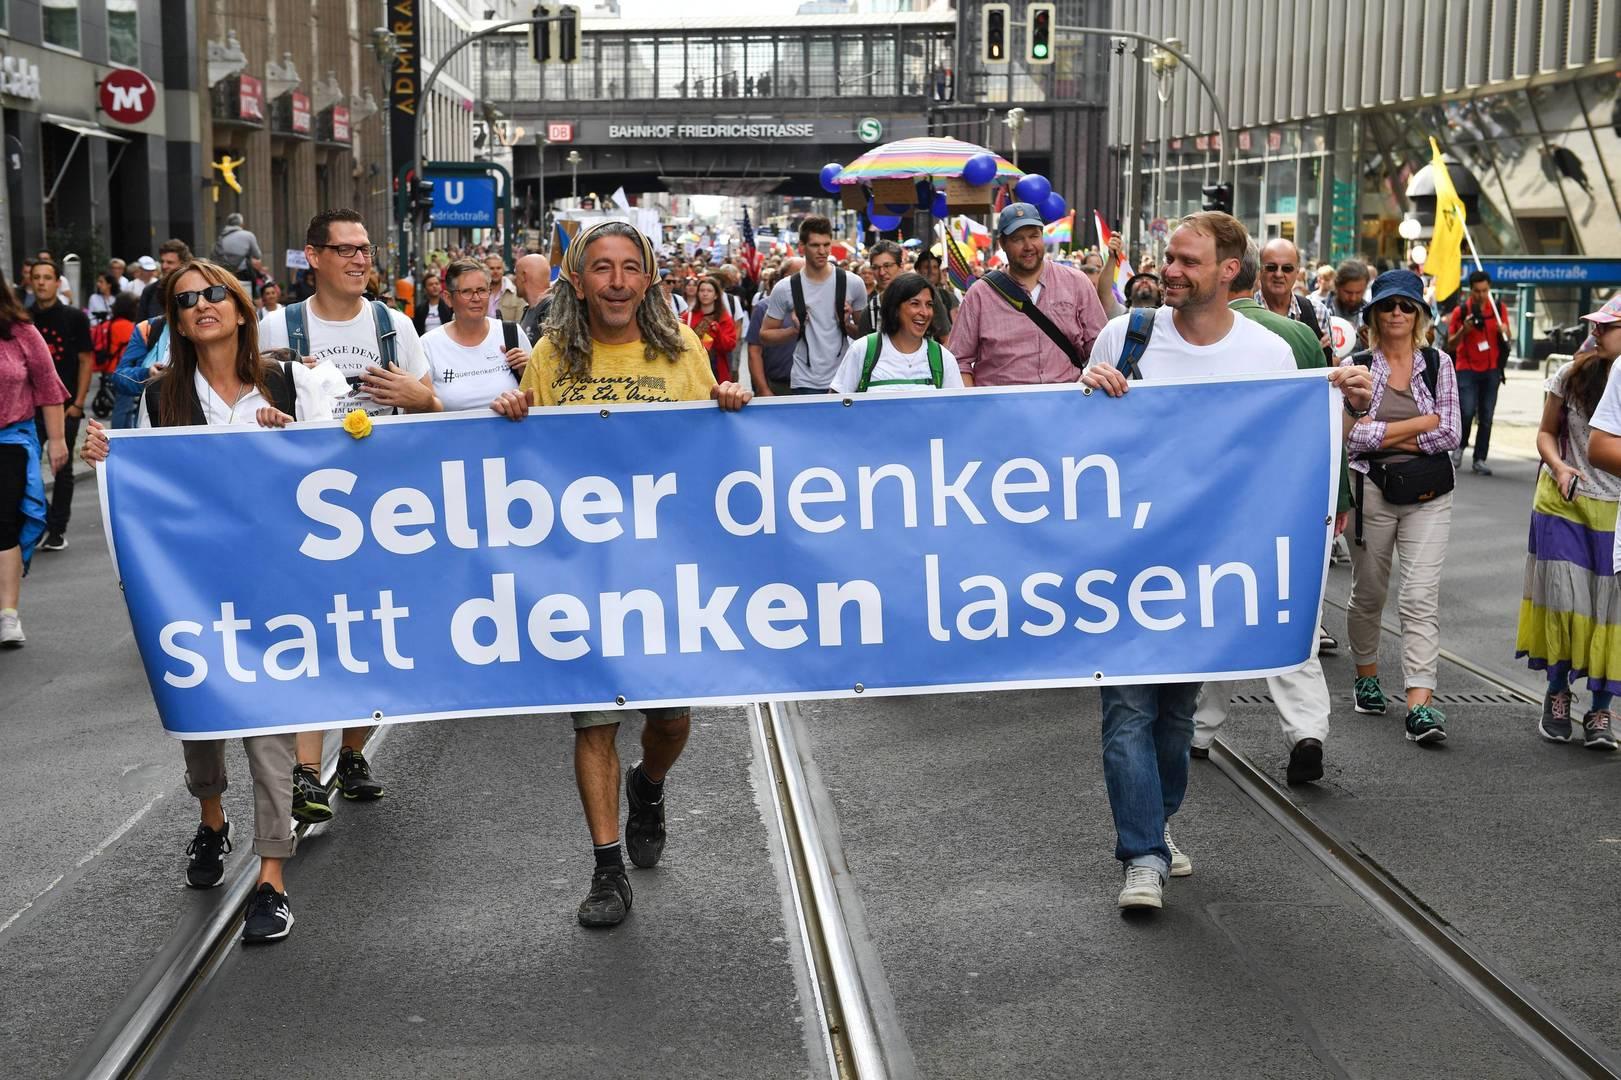 Думай сам, а не позволяй думать!». Демонстрация Querdenken в Берлине